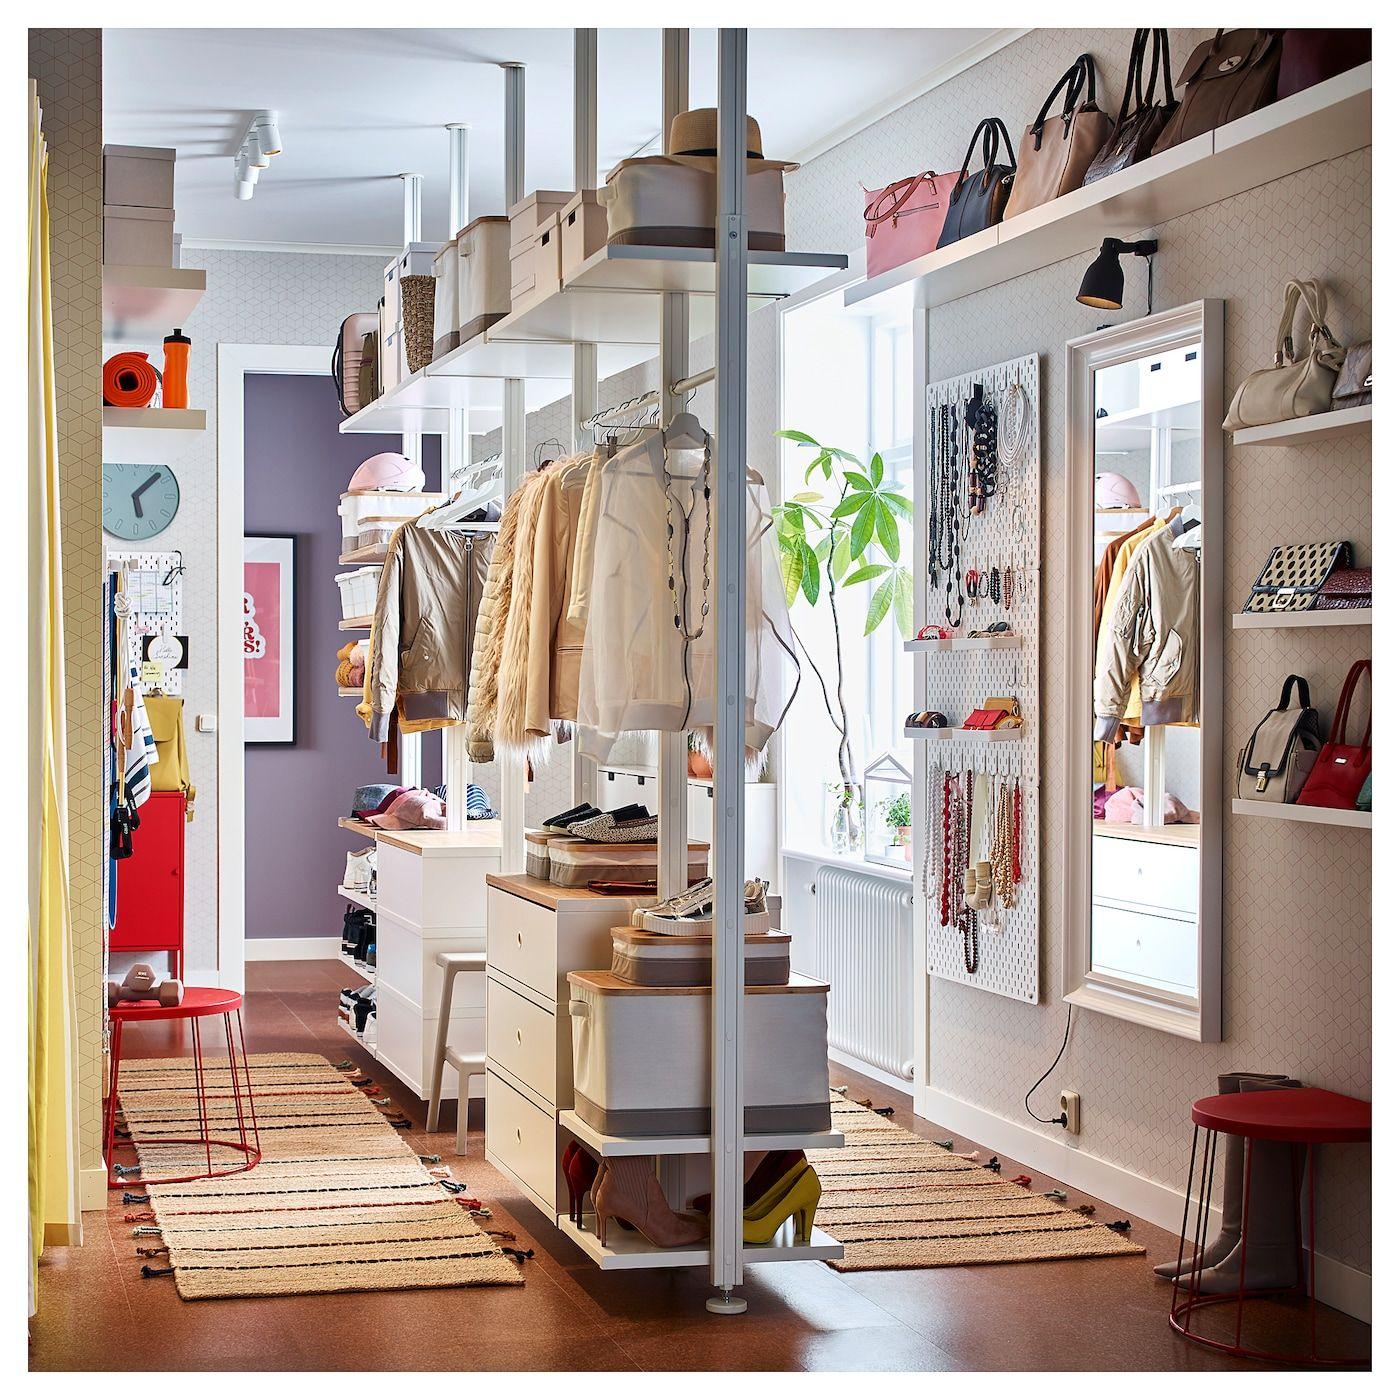 Elvarli 5 Elemente Weiss Bambus Ikea Deutschland In 2020 Elvarli Offener Kleiderschrank Ikea Schlafzimmer Ideen